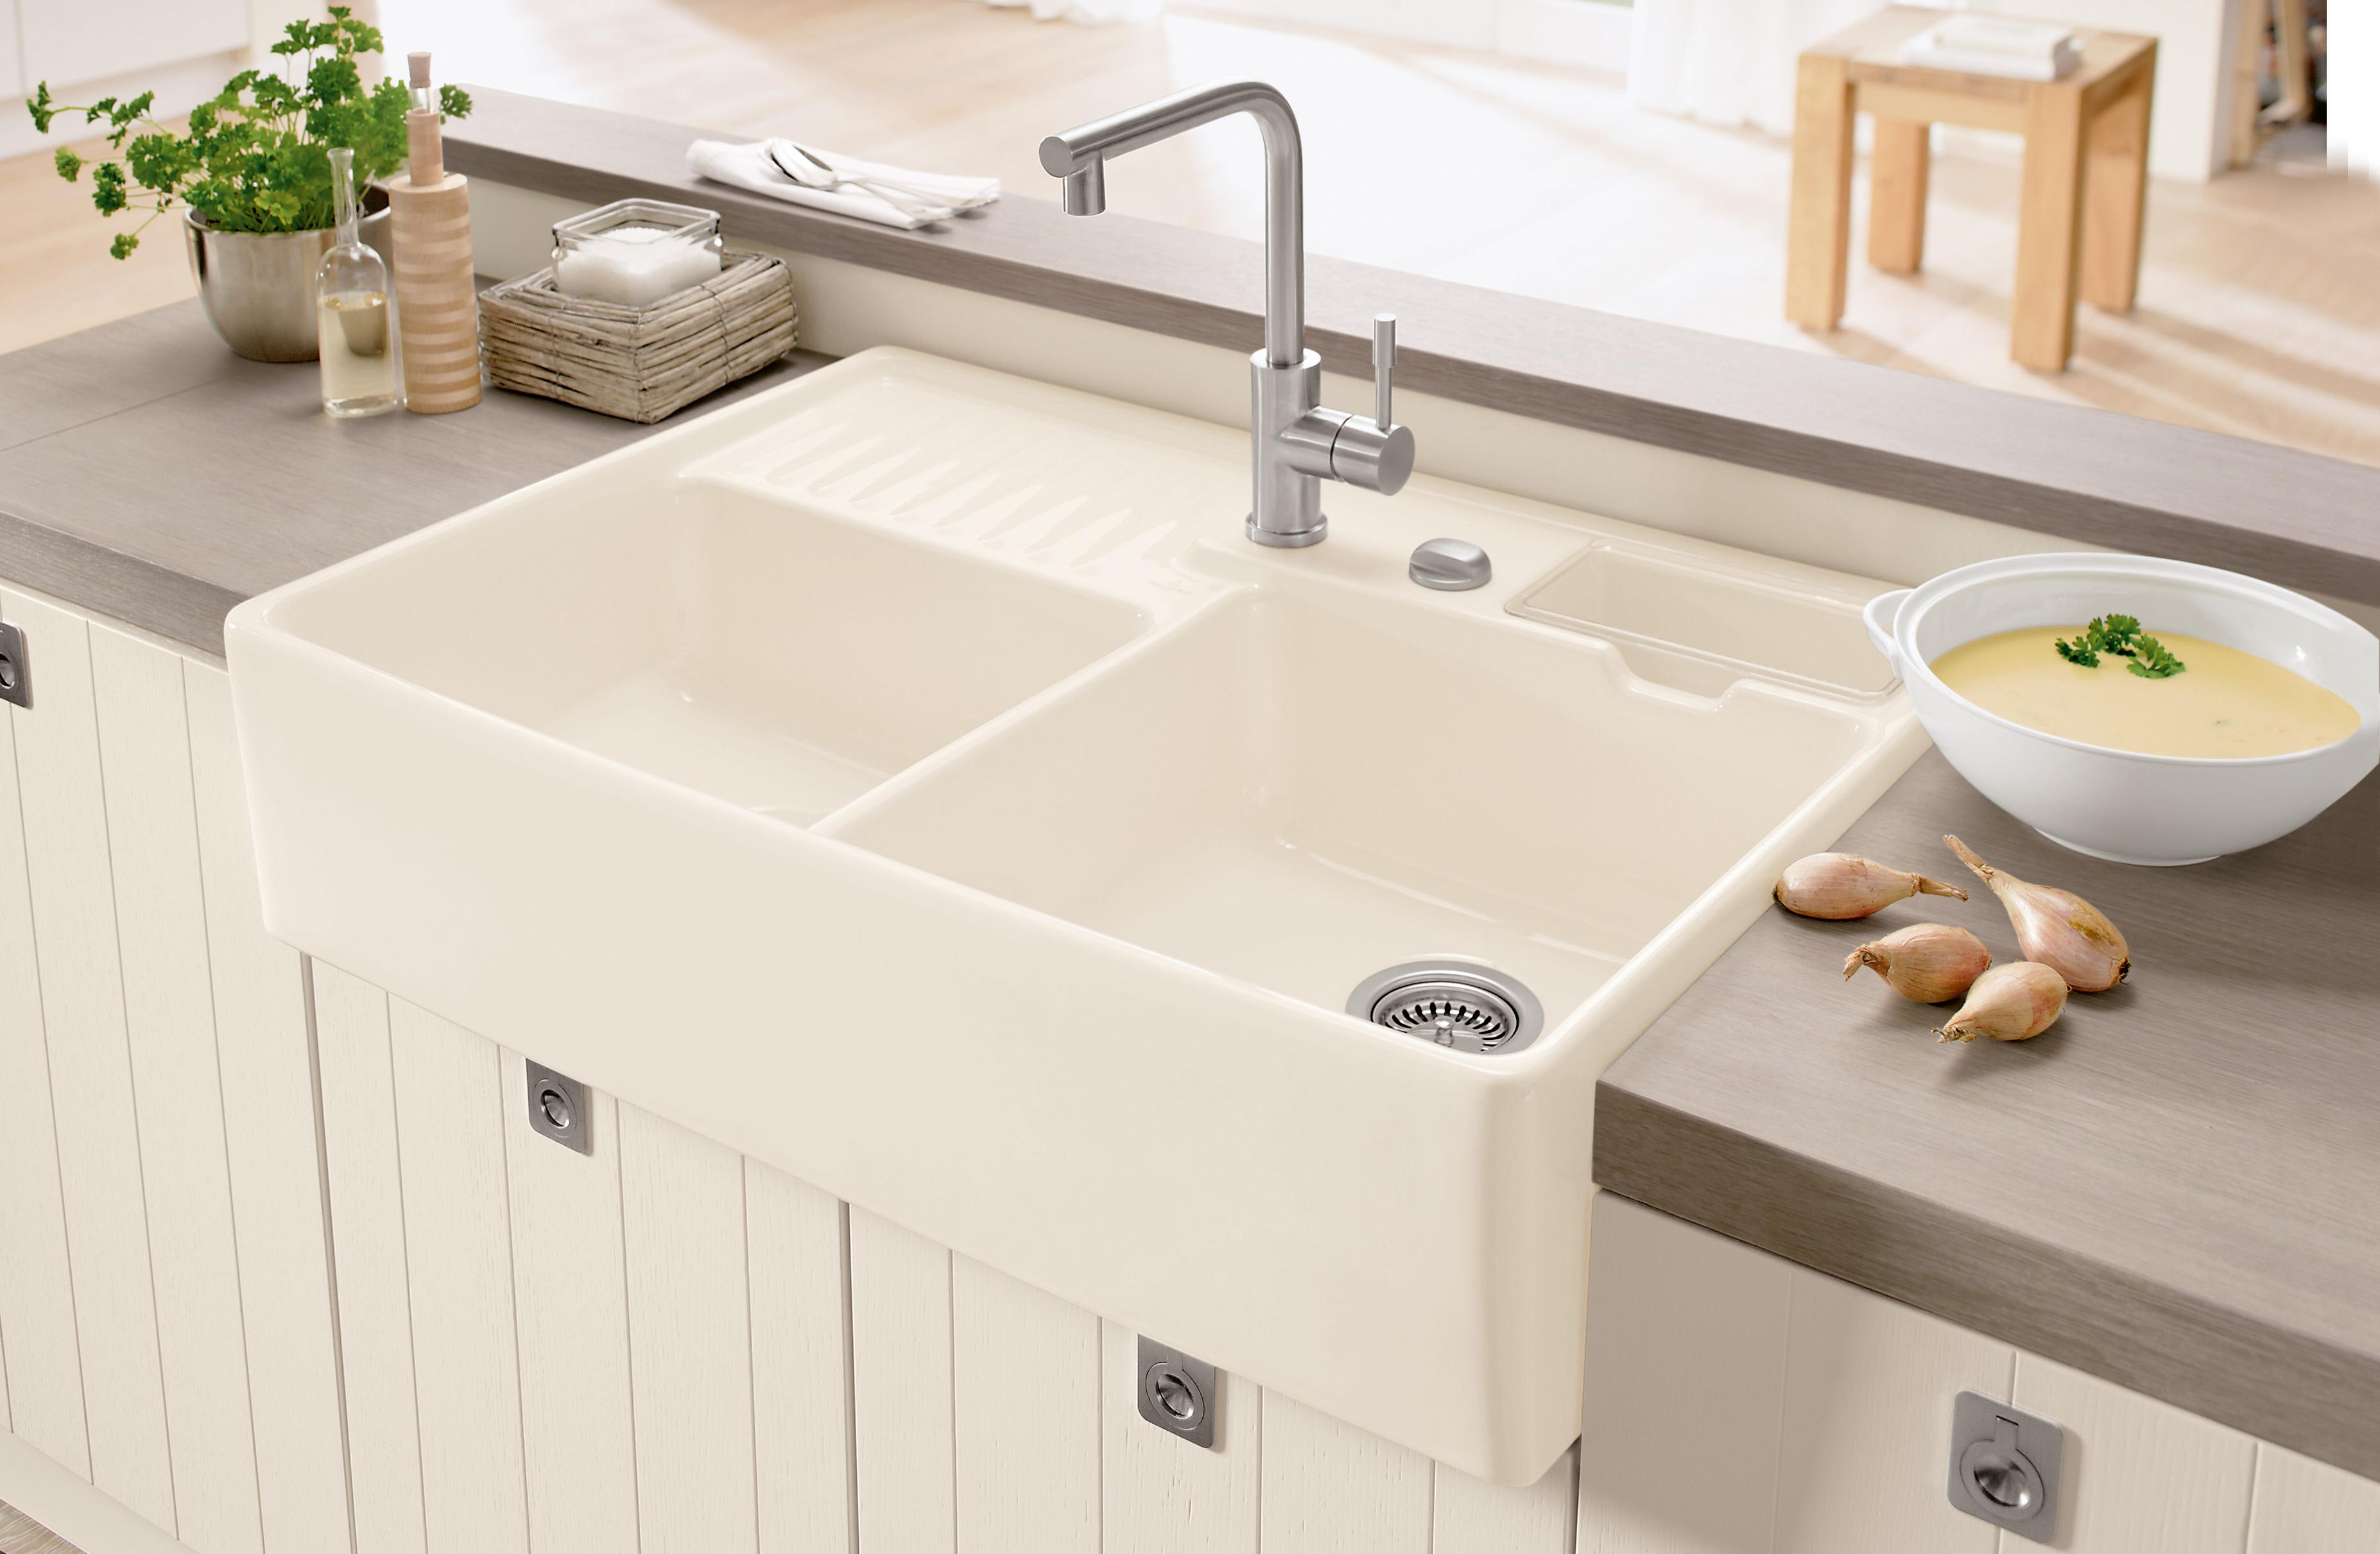 Villeroy Und Boch Waschbecken Küche | Waschtische Villeroy And Boch